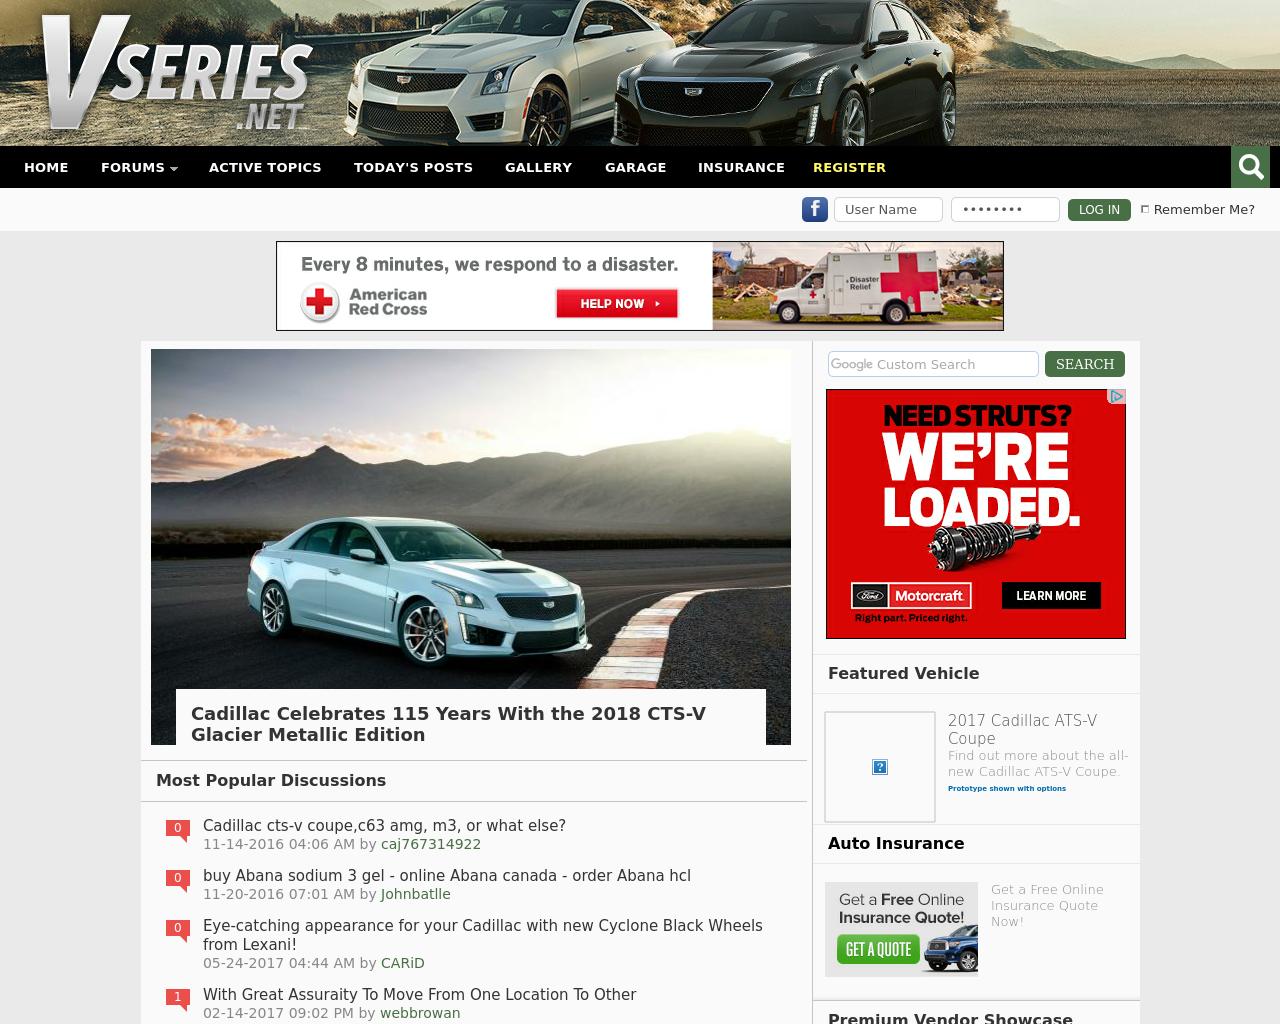 Cadillac-V-Series-Advertising-Reviews-Pricing